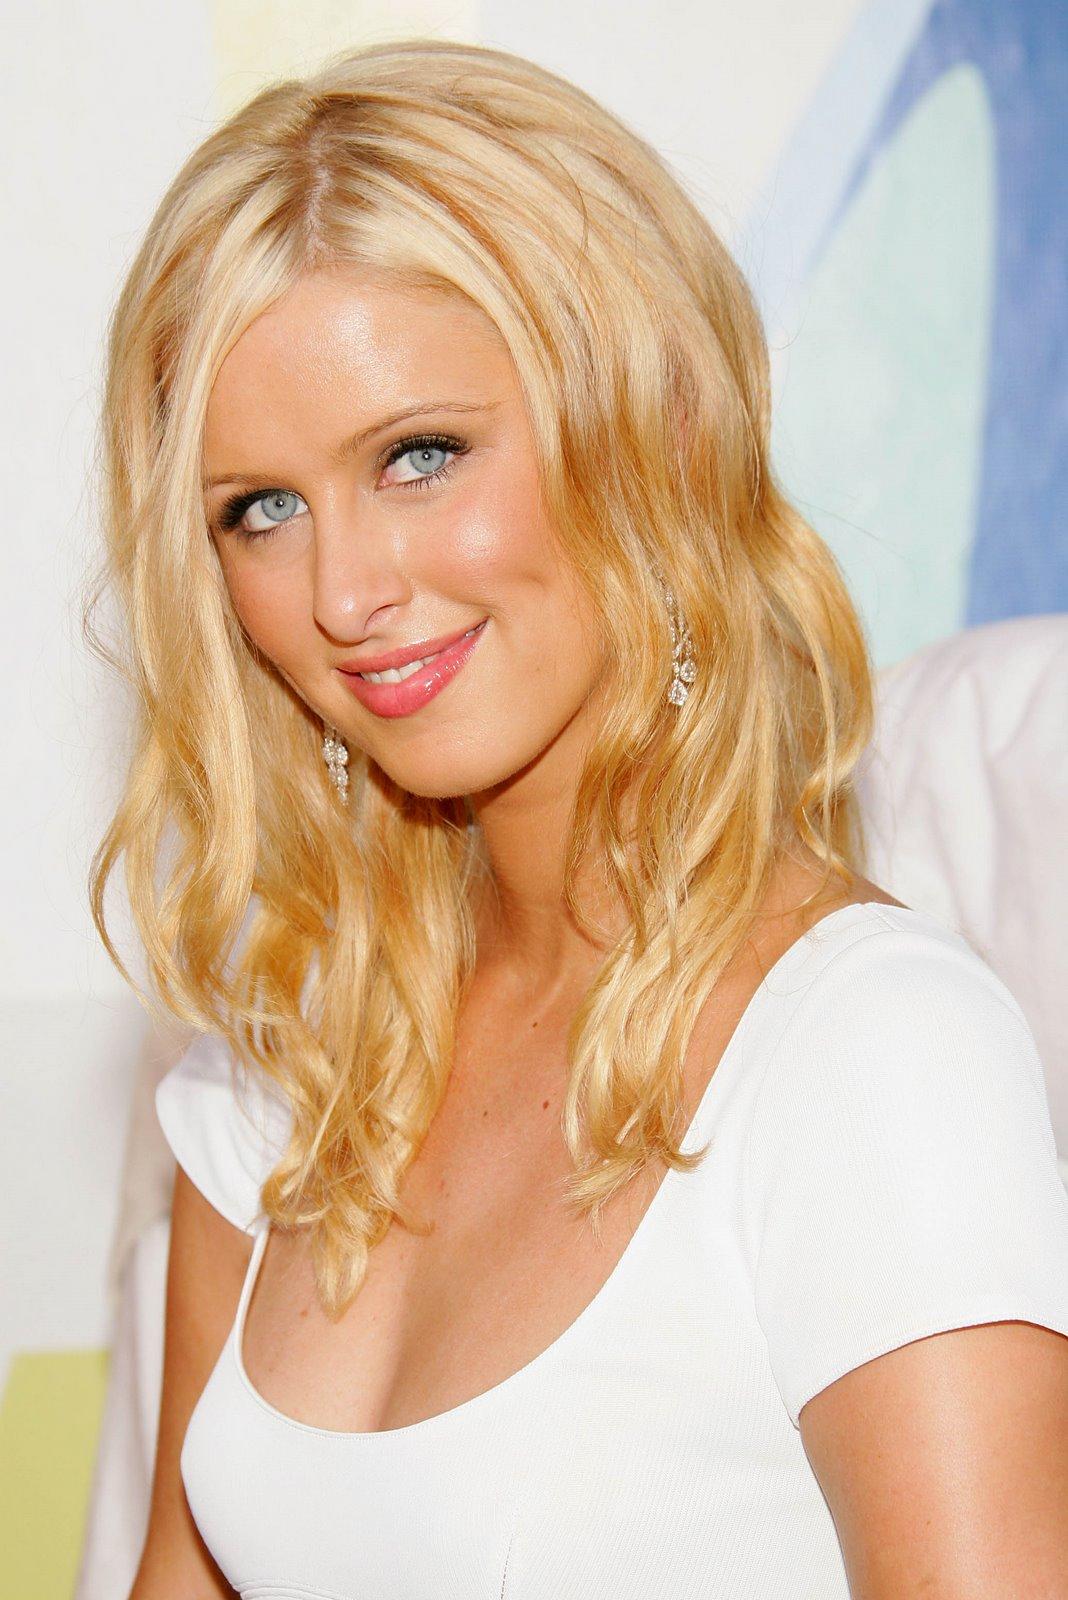 http://3.bp.blogspot.com/_D7HeuMReRVk/R1IRLd4dn-I/AAAAAAAAAgE/ydvJtDRzUOQ/s1600-R/Paris___Nicky_Hilton-MTV5.jpg